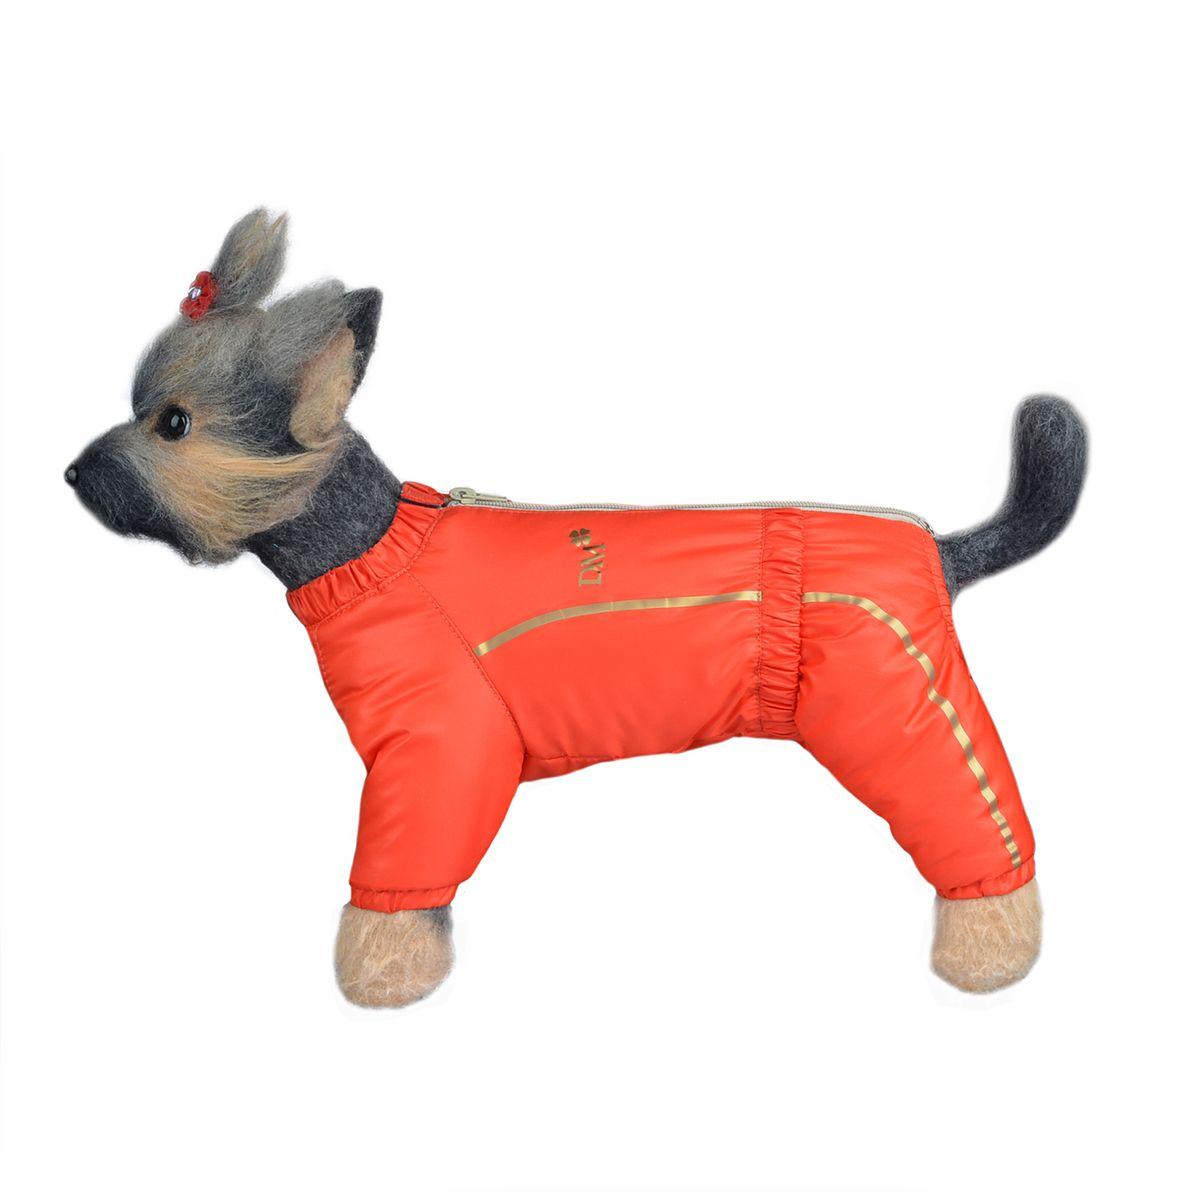 Комбинезон для собак Dogmoda Альпы, зимний, для девочки, цвет: оранжевый. Размер 2 (M)DM-150349-2_оранжевыйЗимний комбинезон для собак Dogmoda Альпы отлично подойдет для прогулок в зимнее время года.Комбинезон изготовлен из полиэстера, защищающего от ветра и снега, с утеплителем из синтепона, который сохранит тепло даже в сильные морозы, а на подкладке используется искусственный мех, который обеспечивает отличный воздухообмен. Комбинезон застегивается на молнию и липучку, благодаря чему его легко надевать и снимать. Ворот, низ рукавов и брючин оснащены внутренними резинками, которые мягко обхватывают шею и лапки, не позволяя просачиваться холодному воздуху. На пояснице имеется внутренняя резинка. Изделие декорировано бежевыми полосками и надписью DM.Благодаря такому комбинезону простуда не грозит вашему питомцу и он сможет испытать не сравнимое удовольствие от снежных игр и забав.Длина по спинке: 24 см.Объем груди: 39 см.Обхват шеи: 25 см.